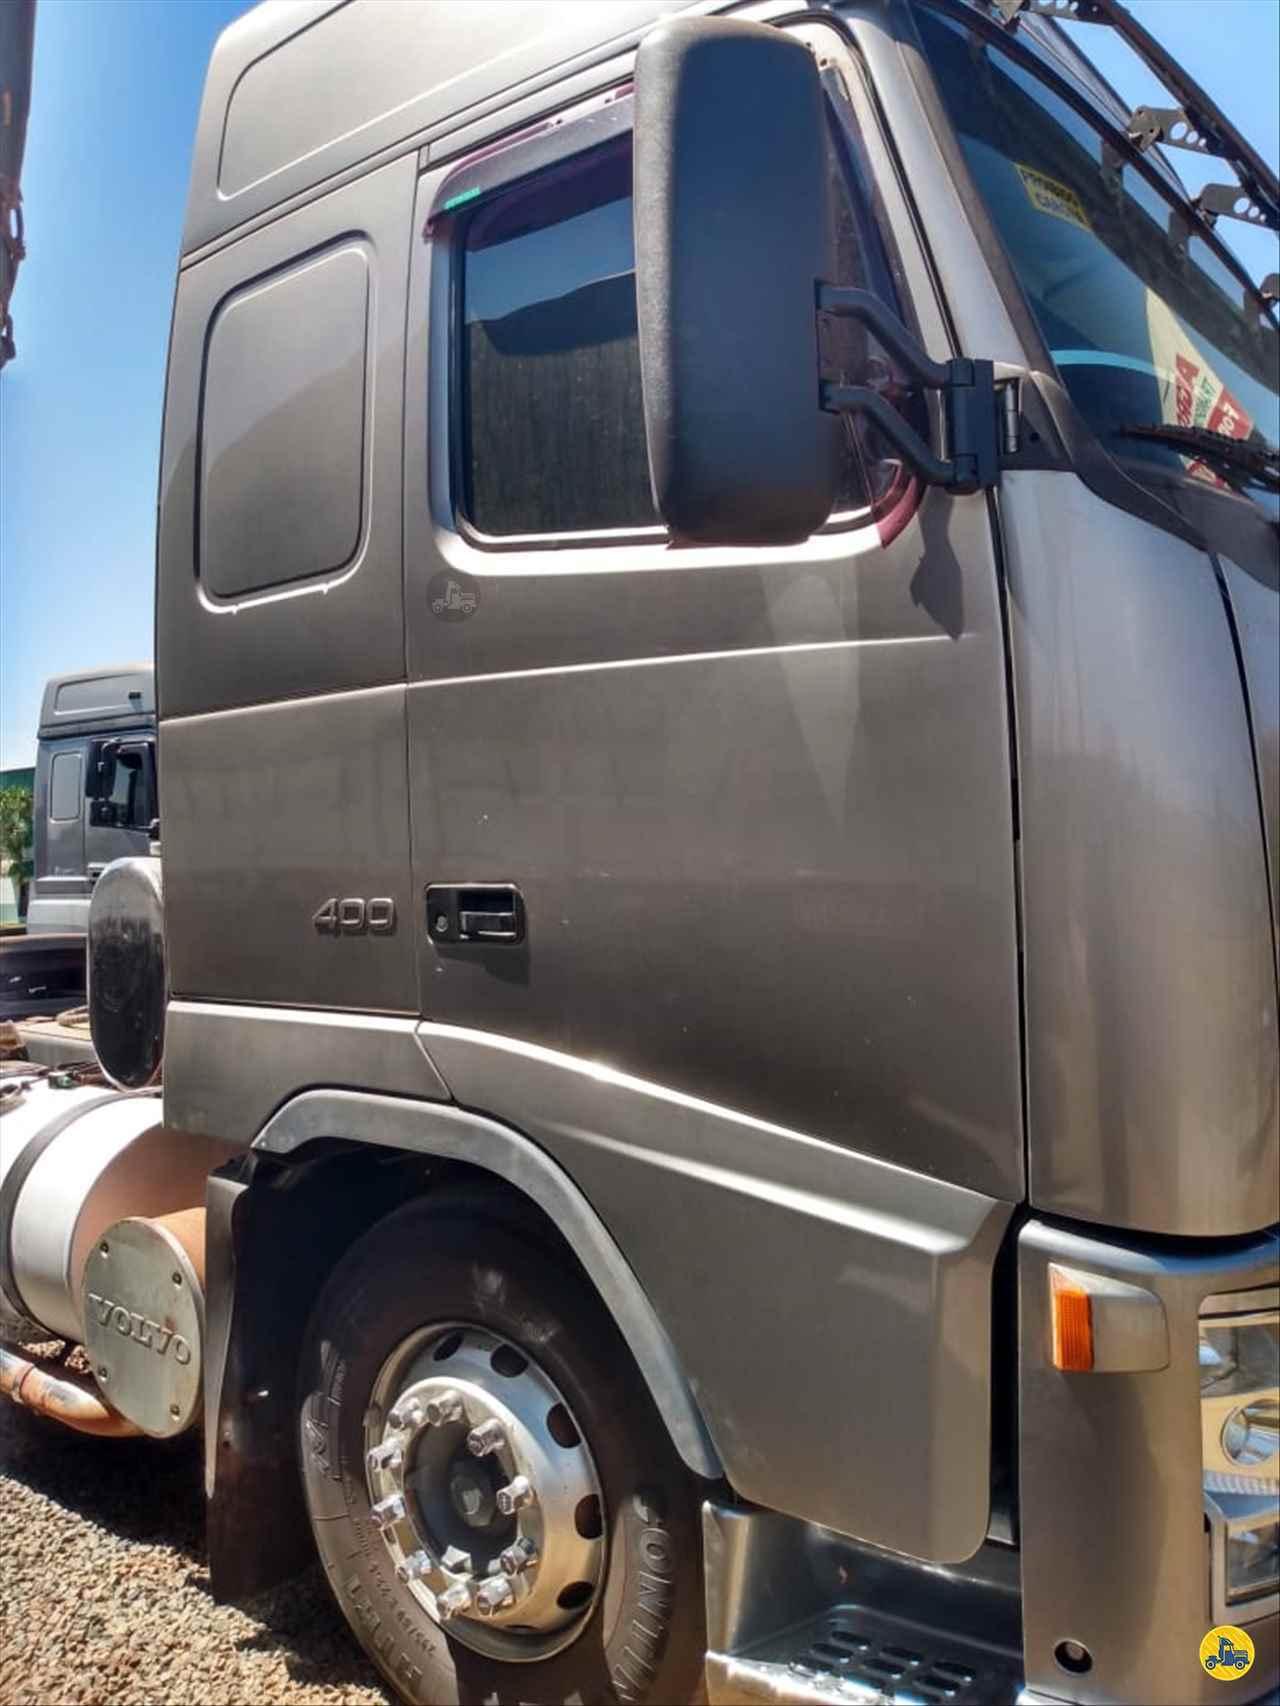 VOLVO FH 400 de Gazola Caminhões - São José do Rio Preto/SP